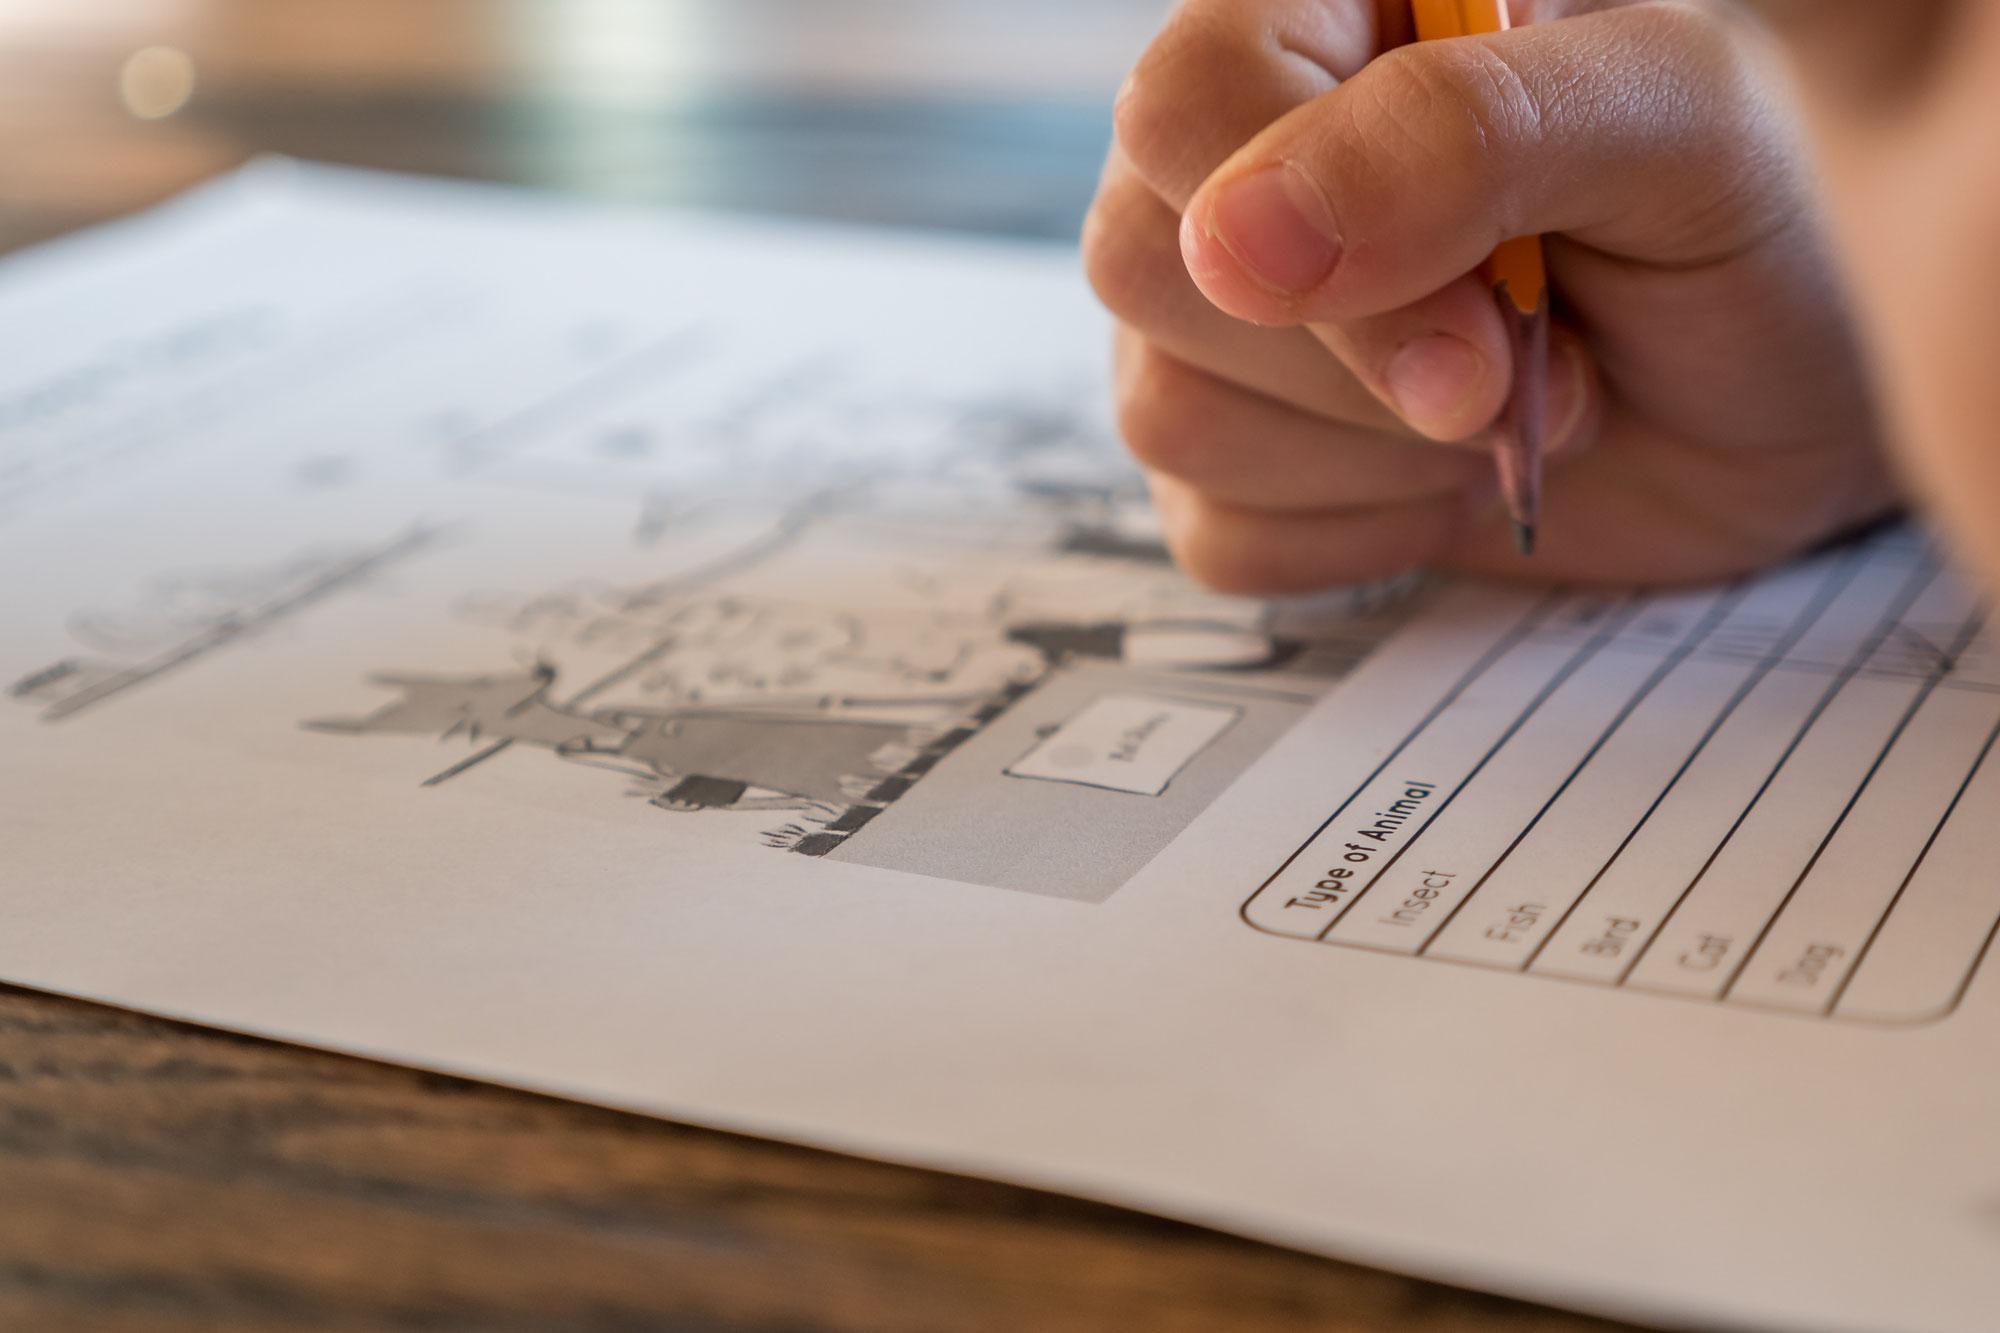 Die 3 häufigsten Fehler an Prüfungen mit Fallstudien